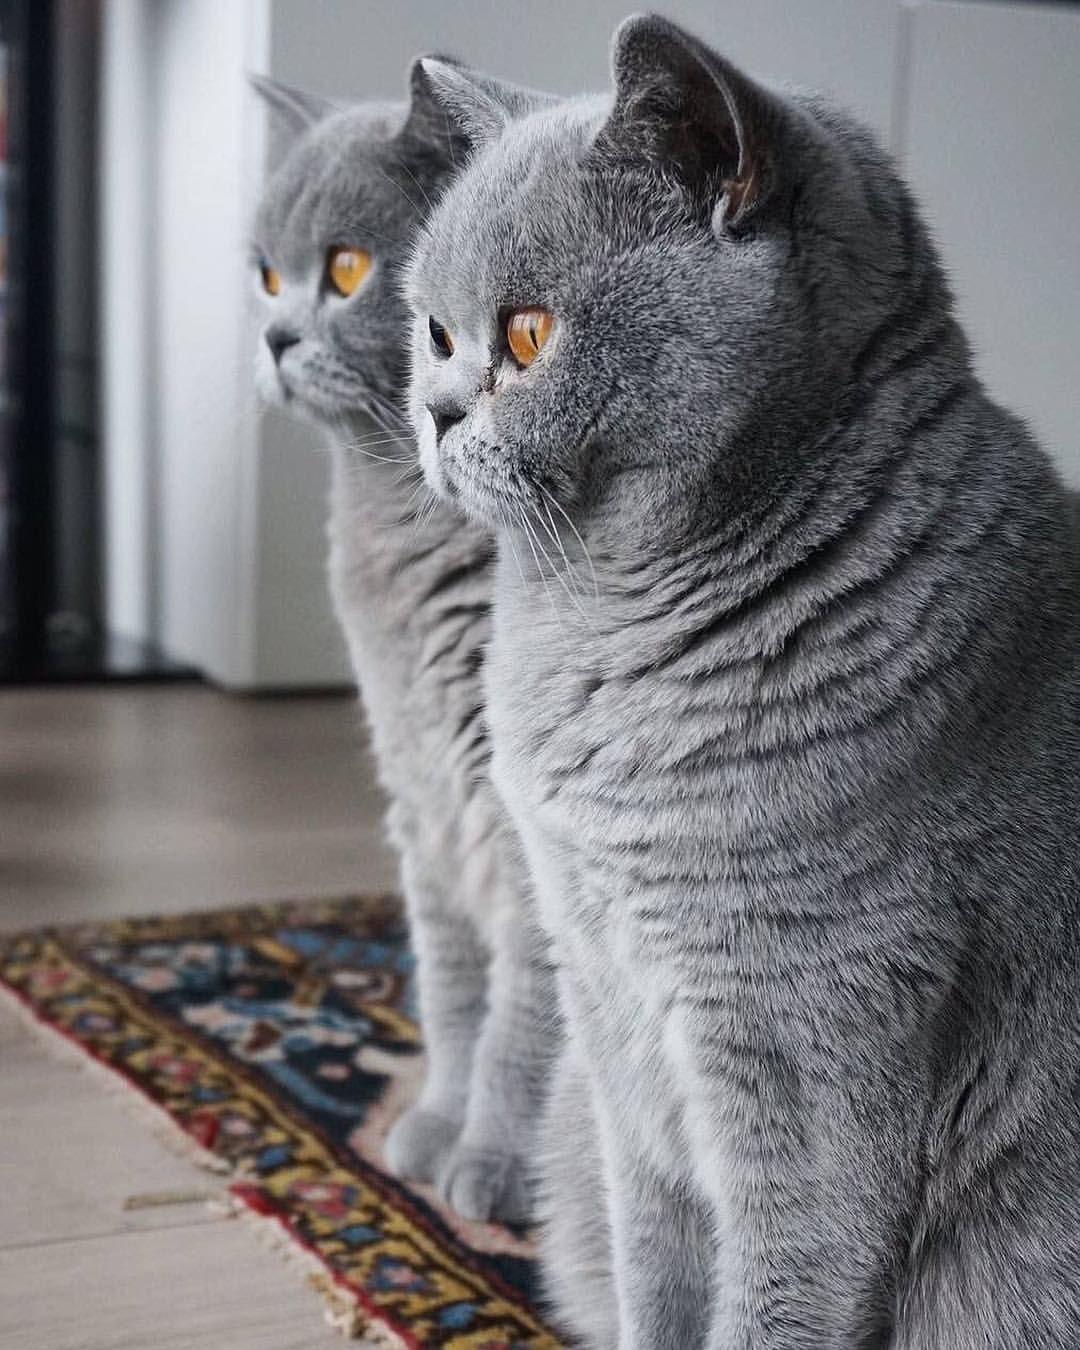 1,235 vindikleuks, 7 reacties BSH Cats Care